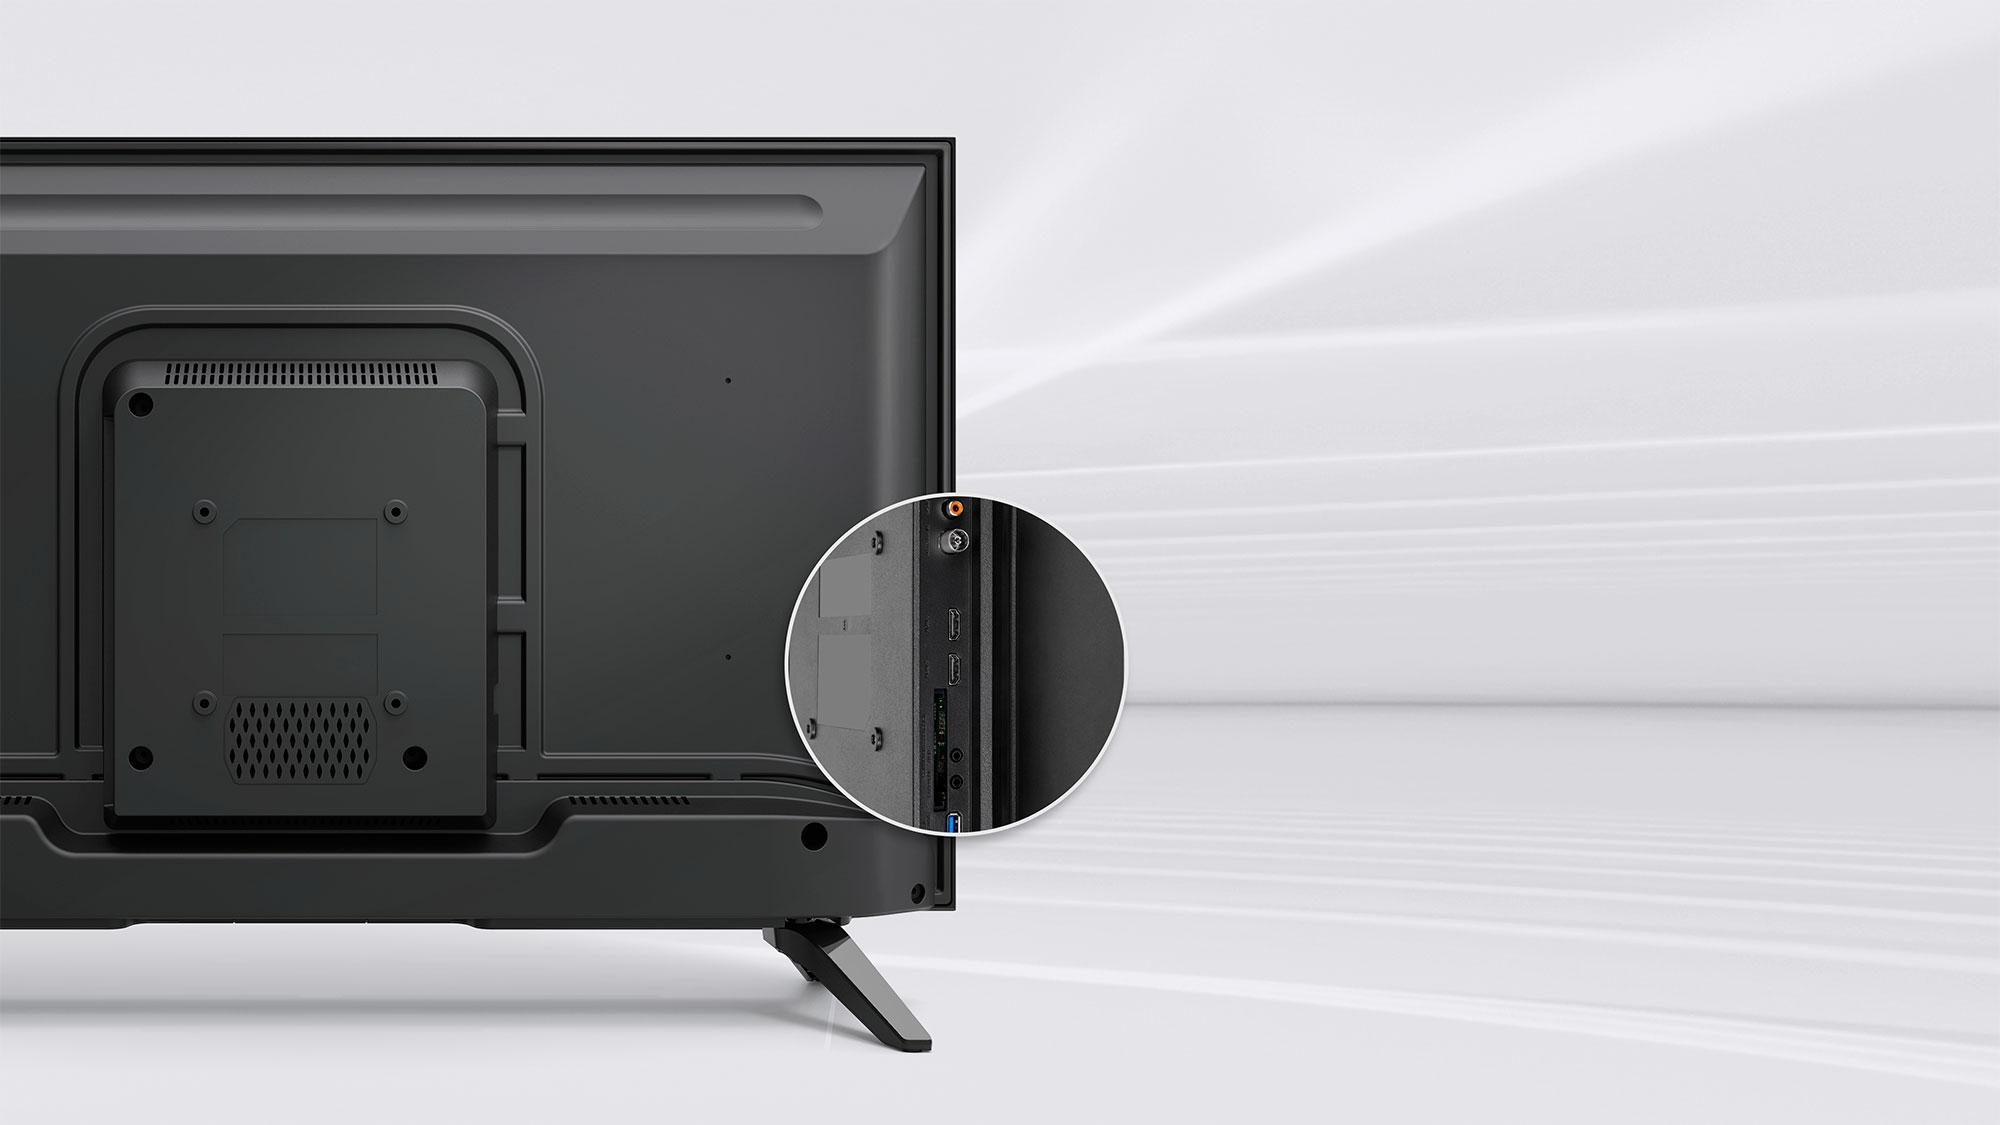 Televiziunea digitala nu iti ajunge? Porturile cu care este dotat televizorul Kruger&Matz extinde foarte mult utilitatea dispozitivului. Are, printre altele, doua porturi pentru conectori HDMI care garanteaza o buna calitate a imaginii transmise.